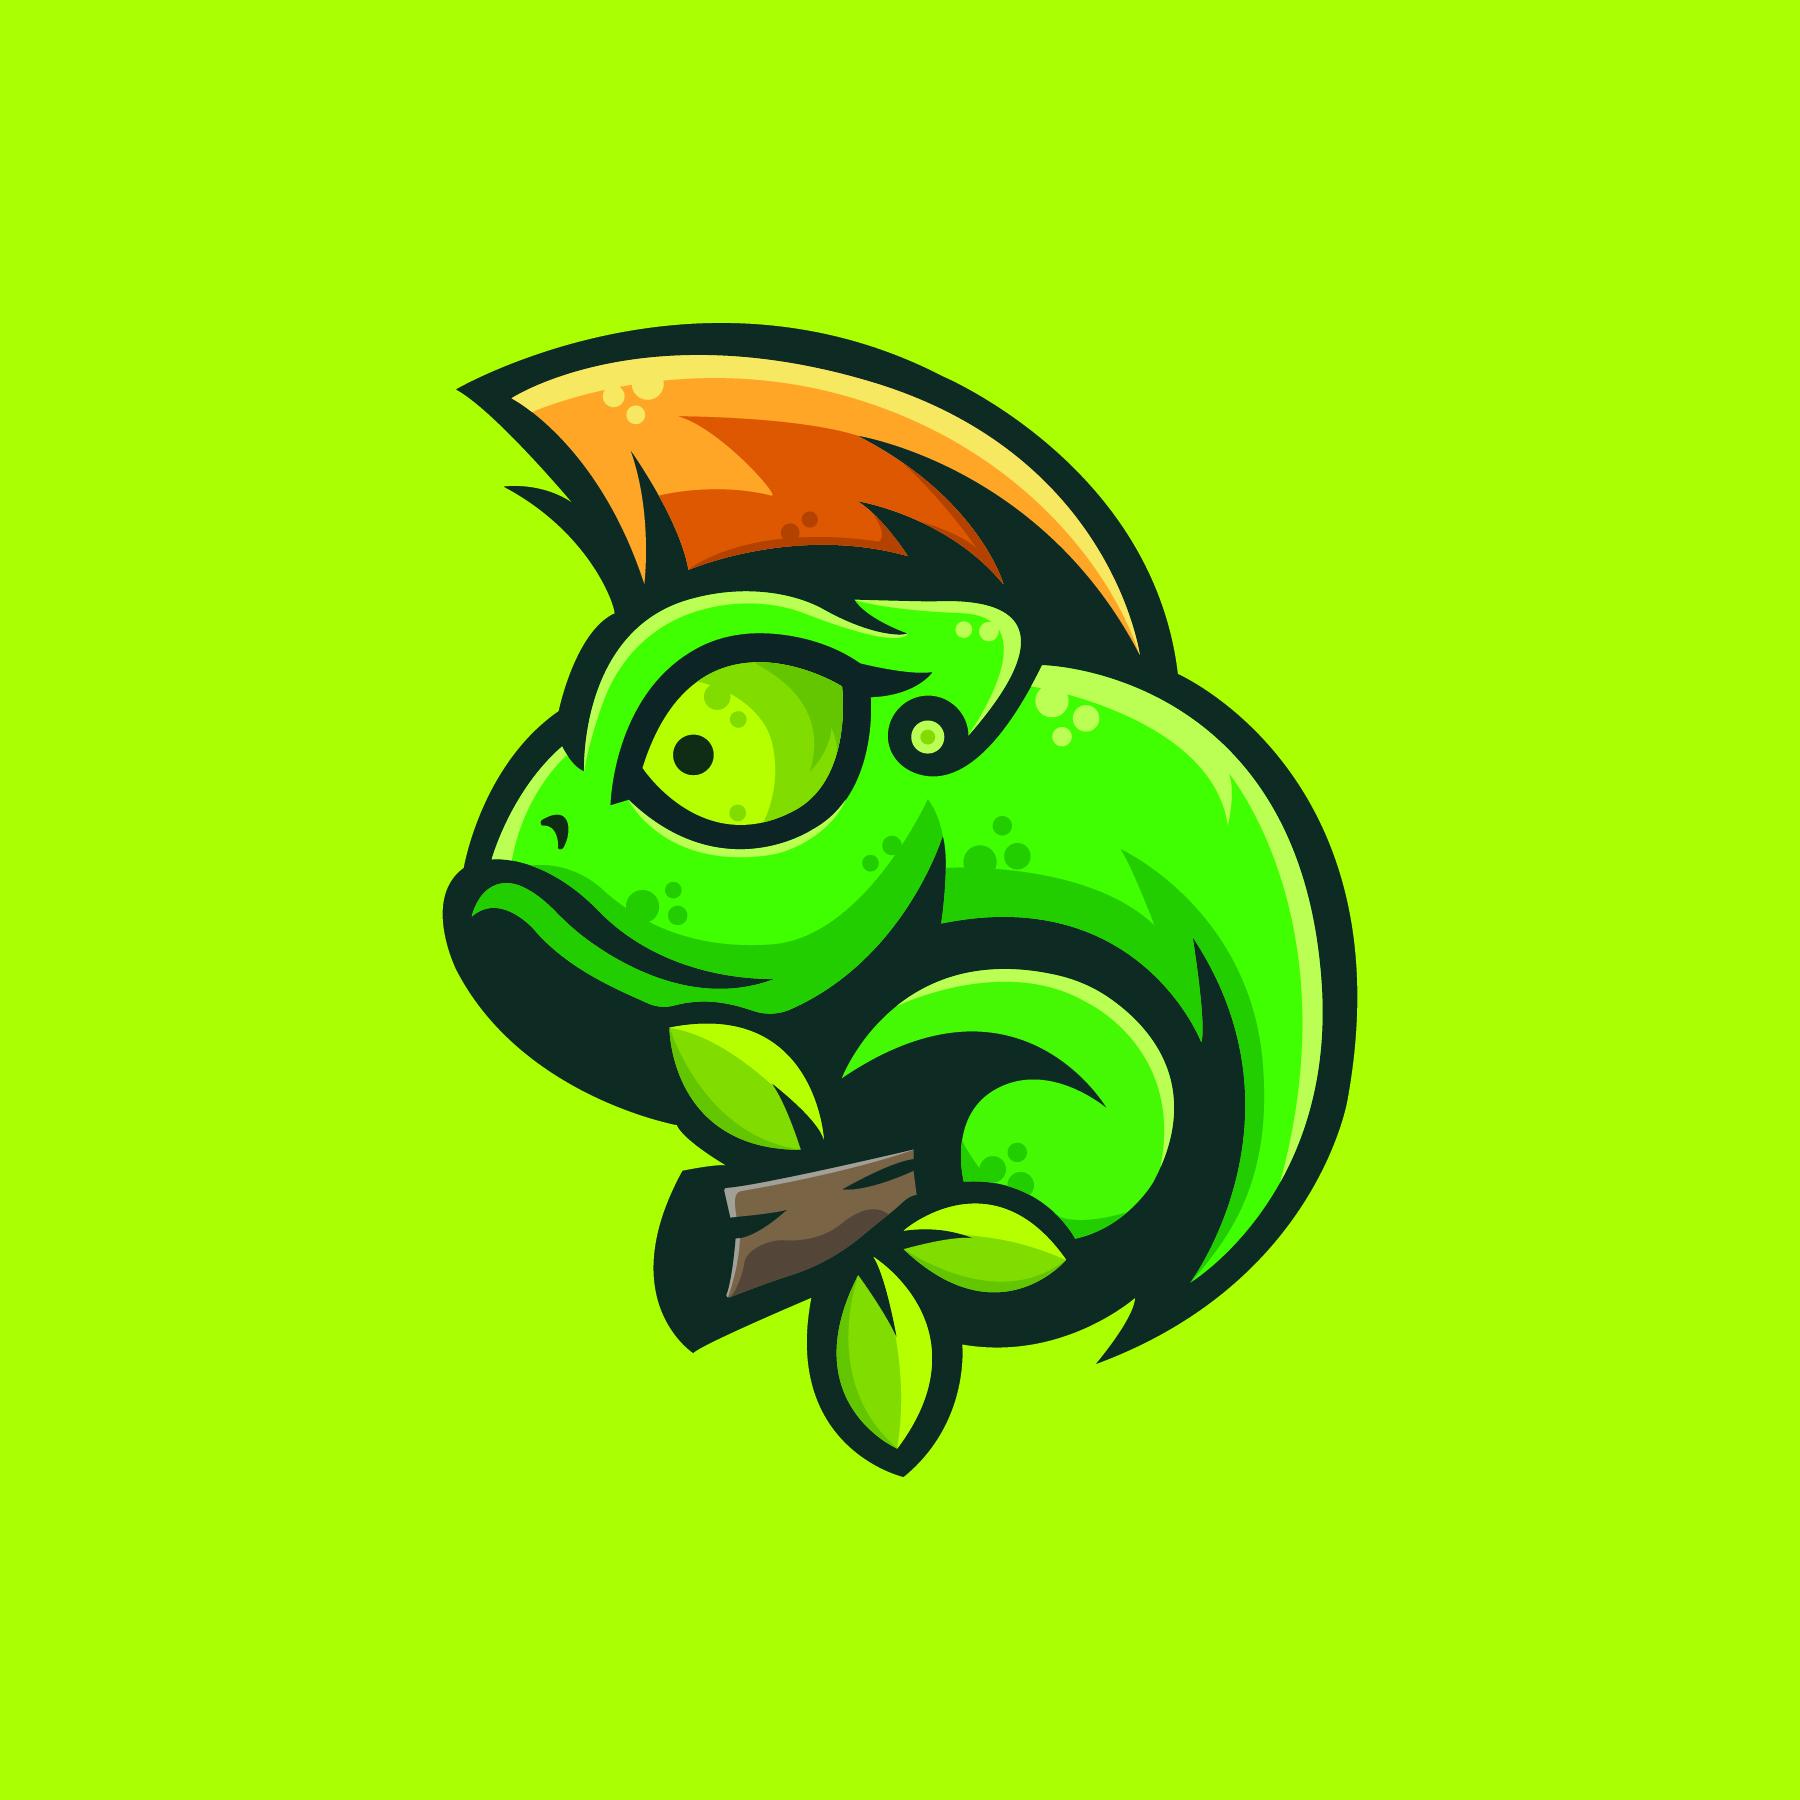 Lizard_Logo-01.jpg